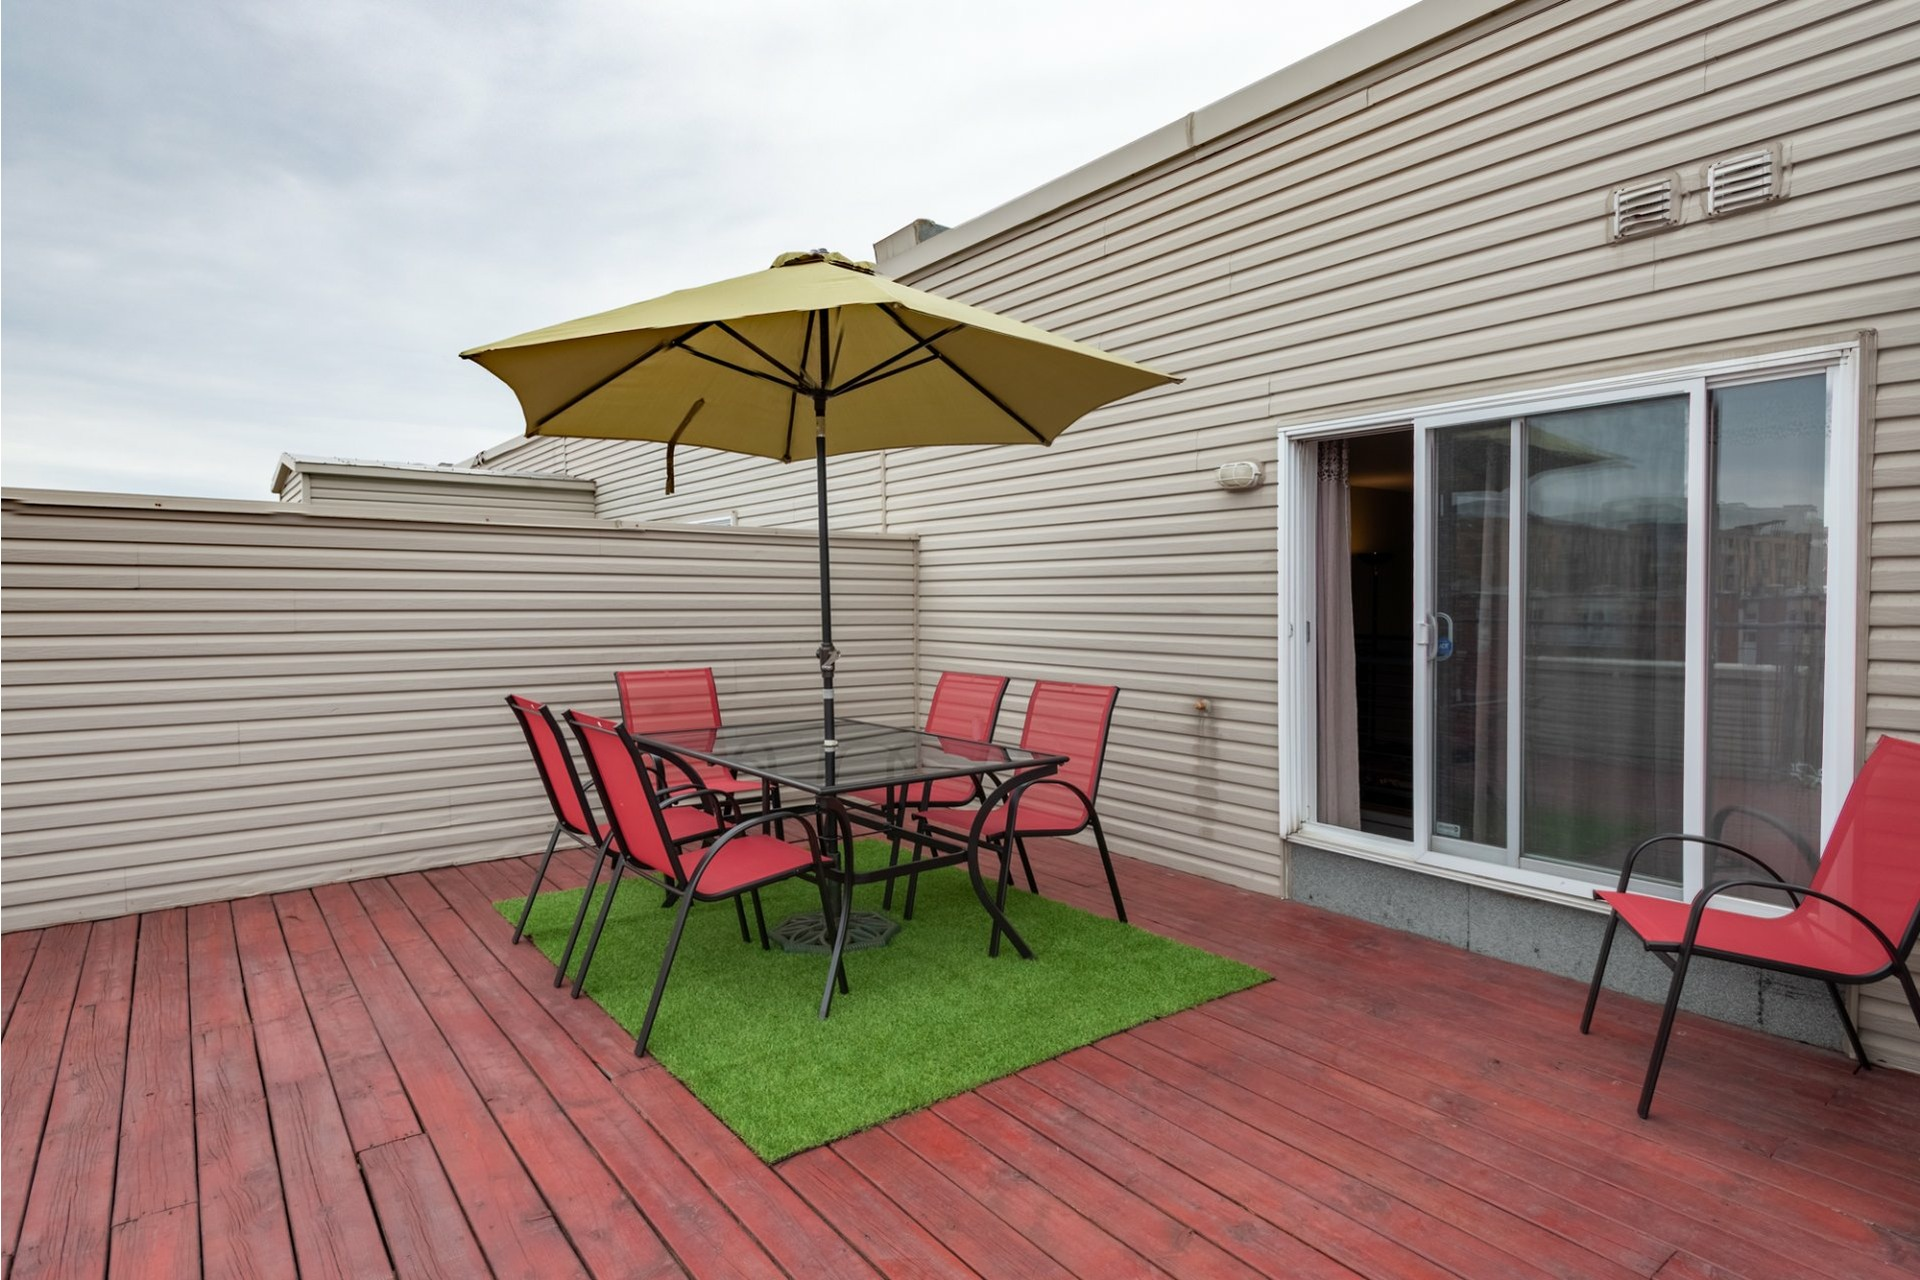 image 25 - Apartment For sale Le Plateau-Mont-Royal Montréal  - 7 rooms